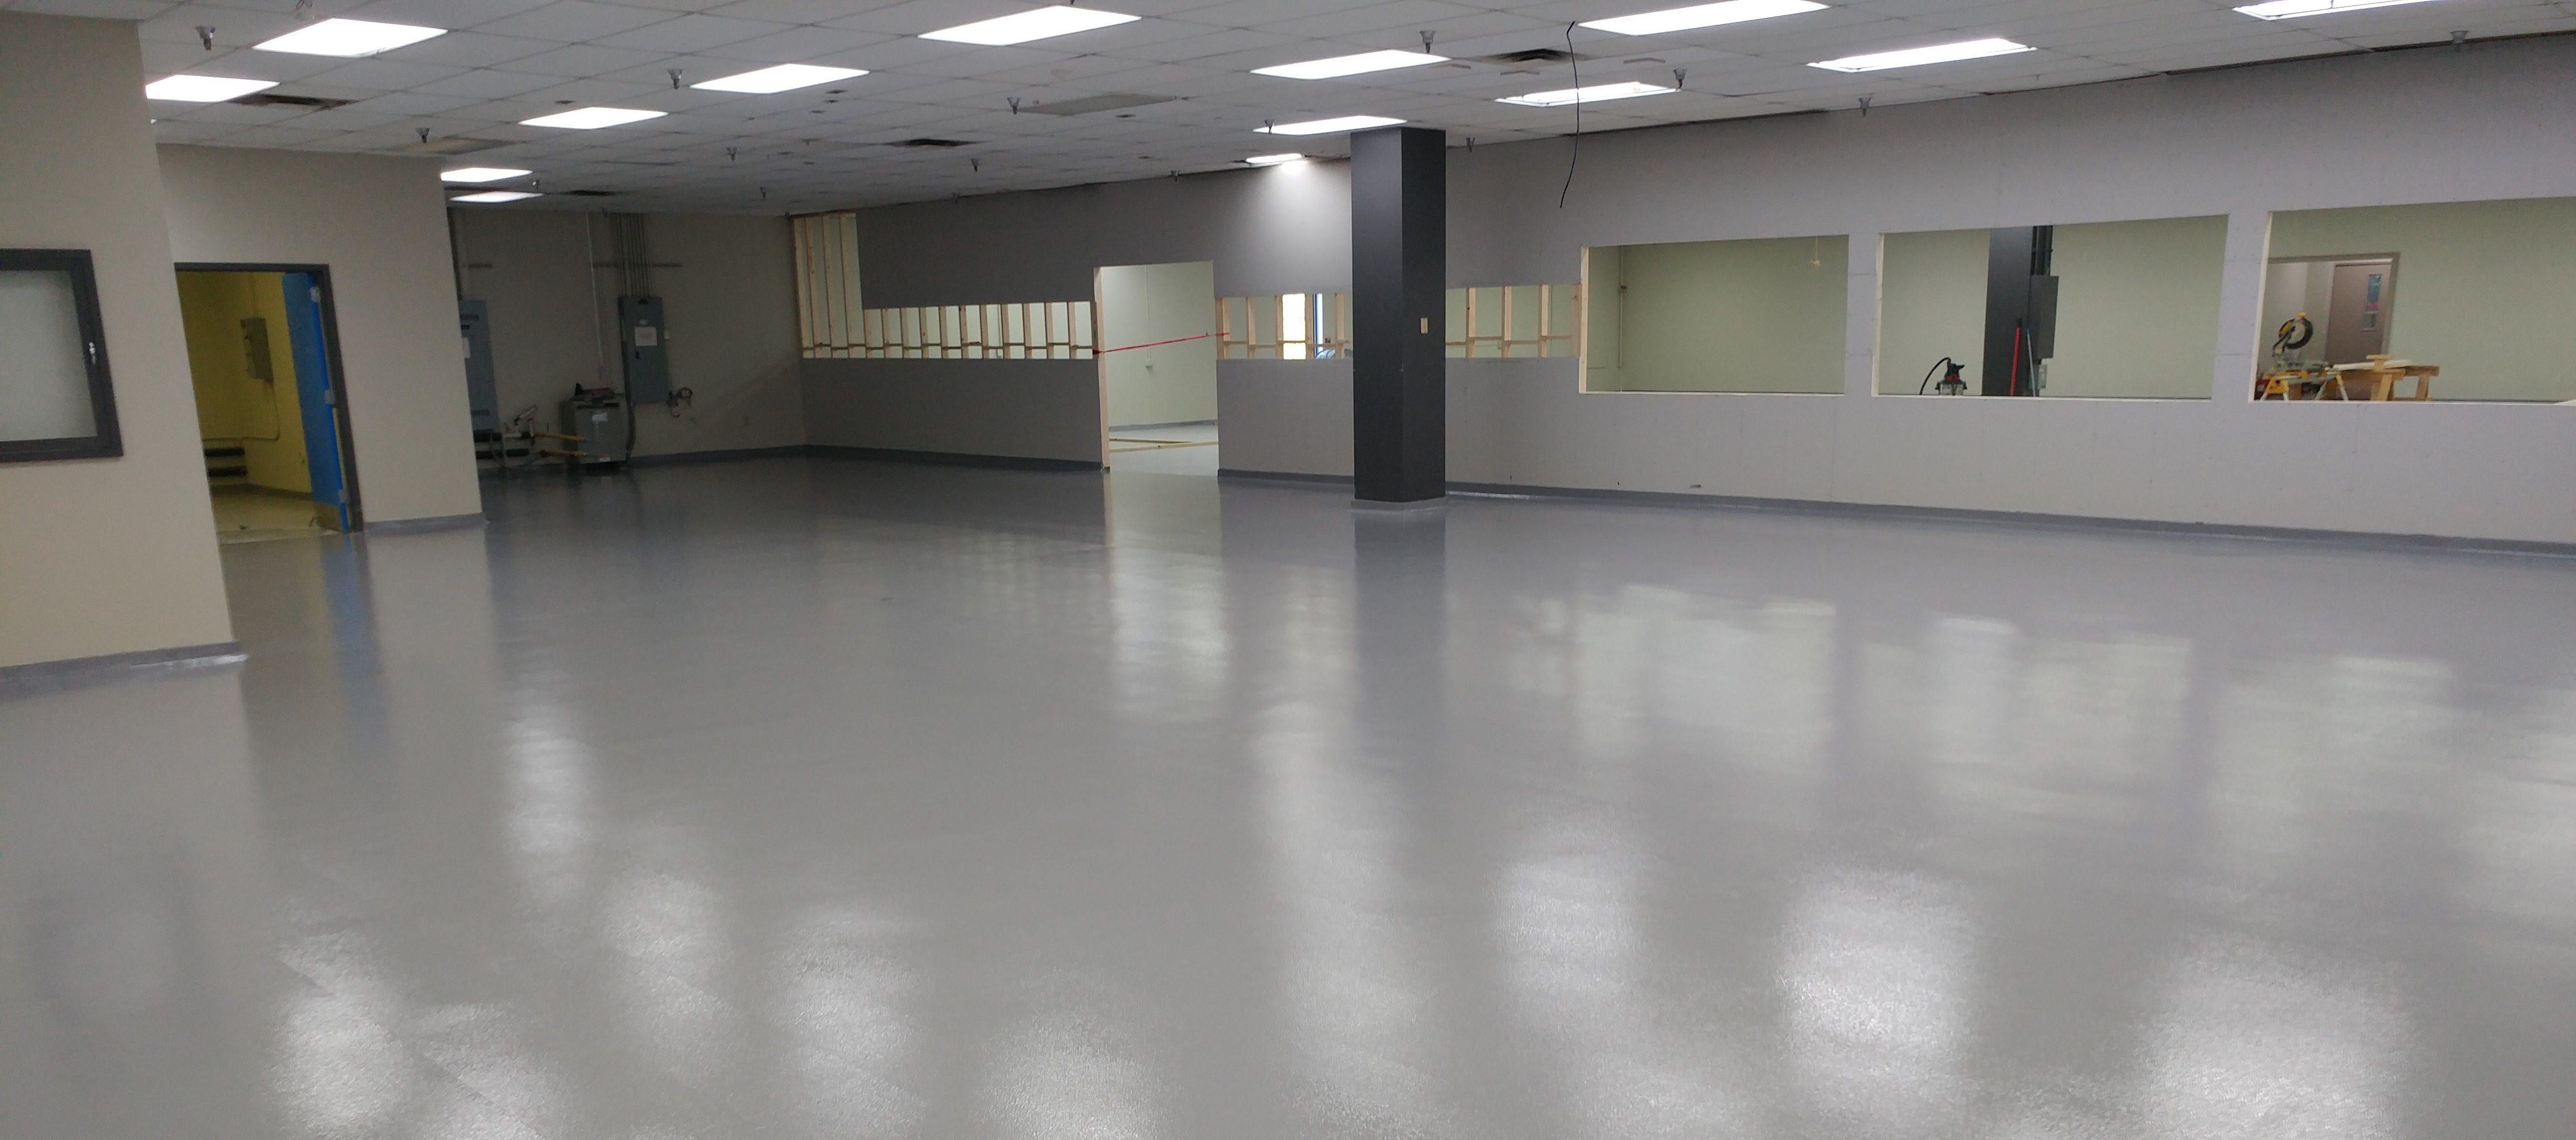 Industrial Floor Coating Services Concrete Flooring Contractors